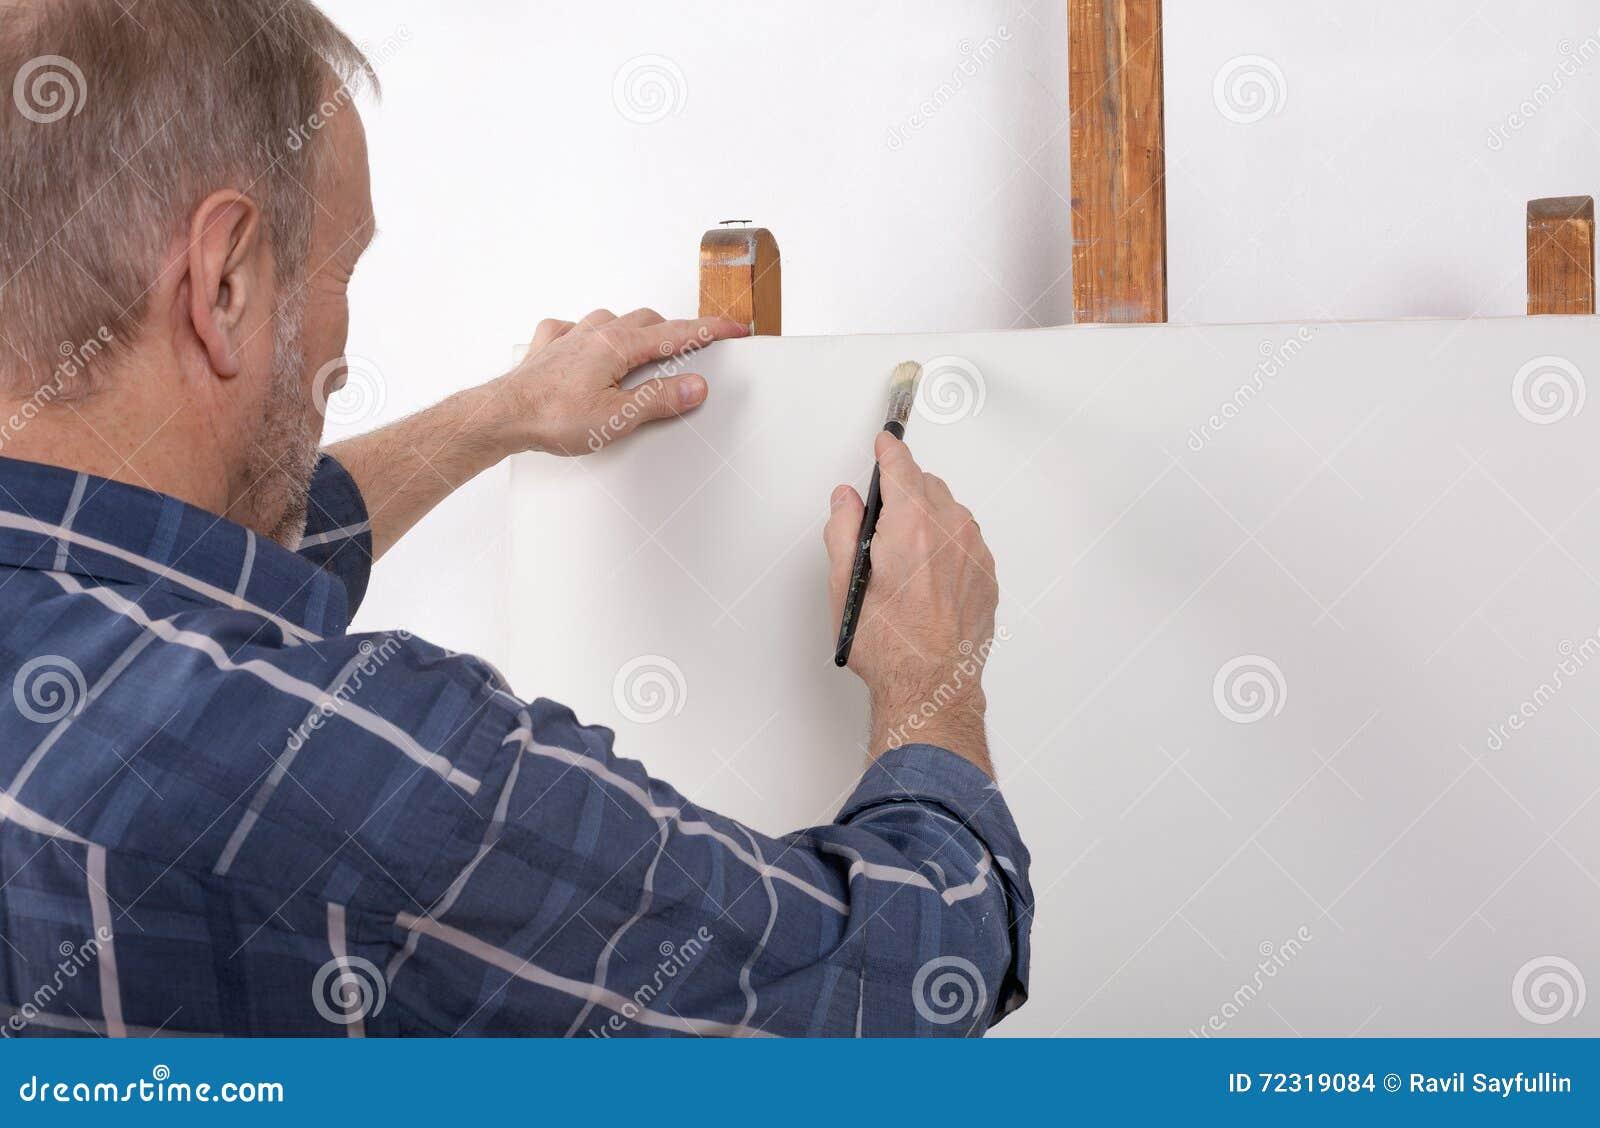 Artysta w pracownianym główkowaniu przed białą kanwą